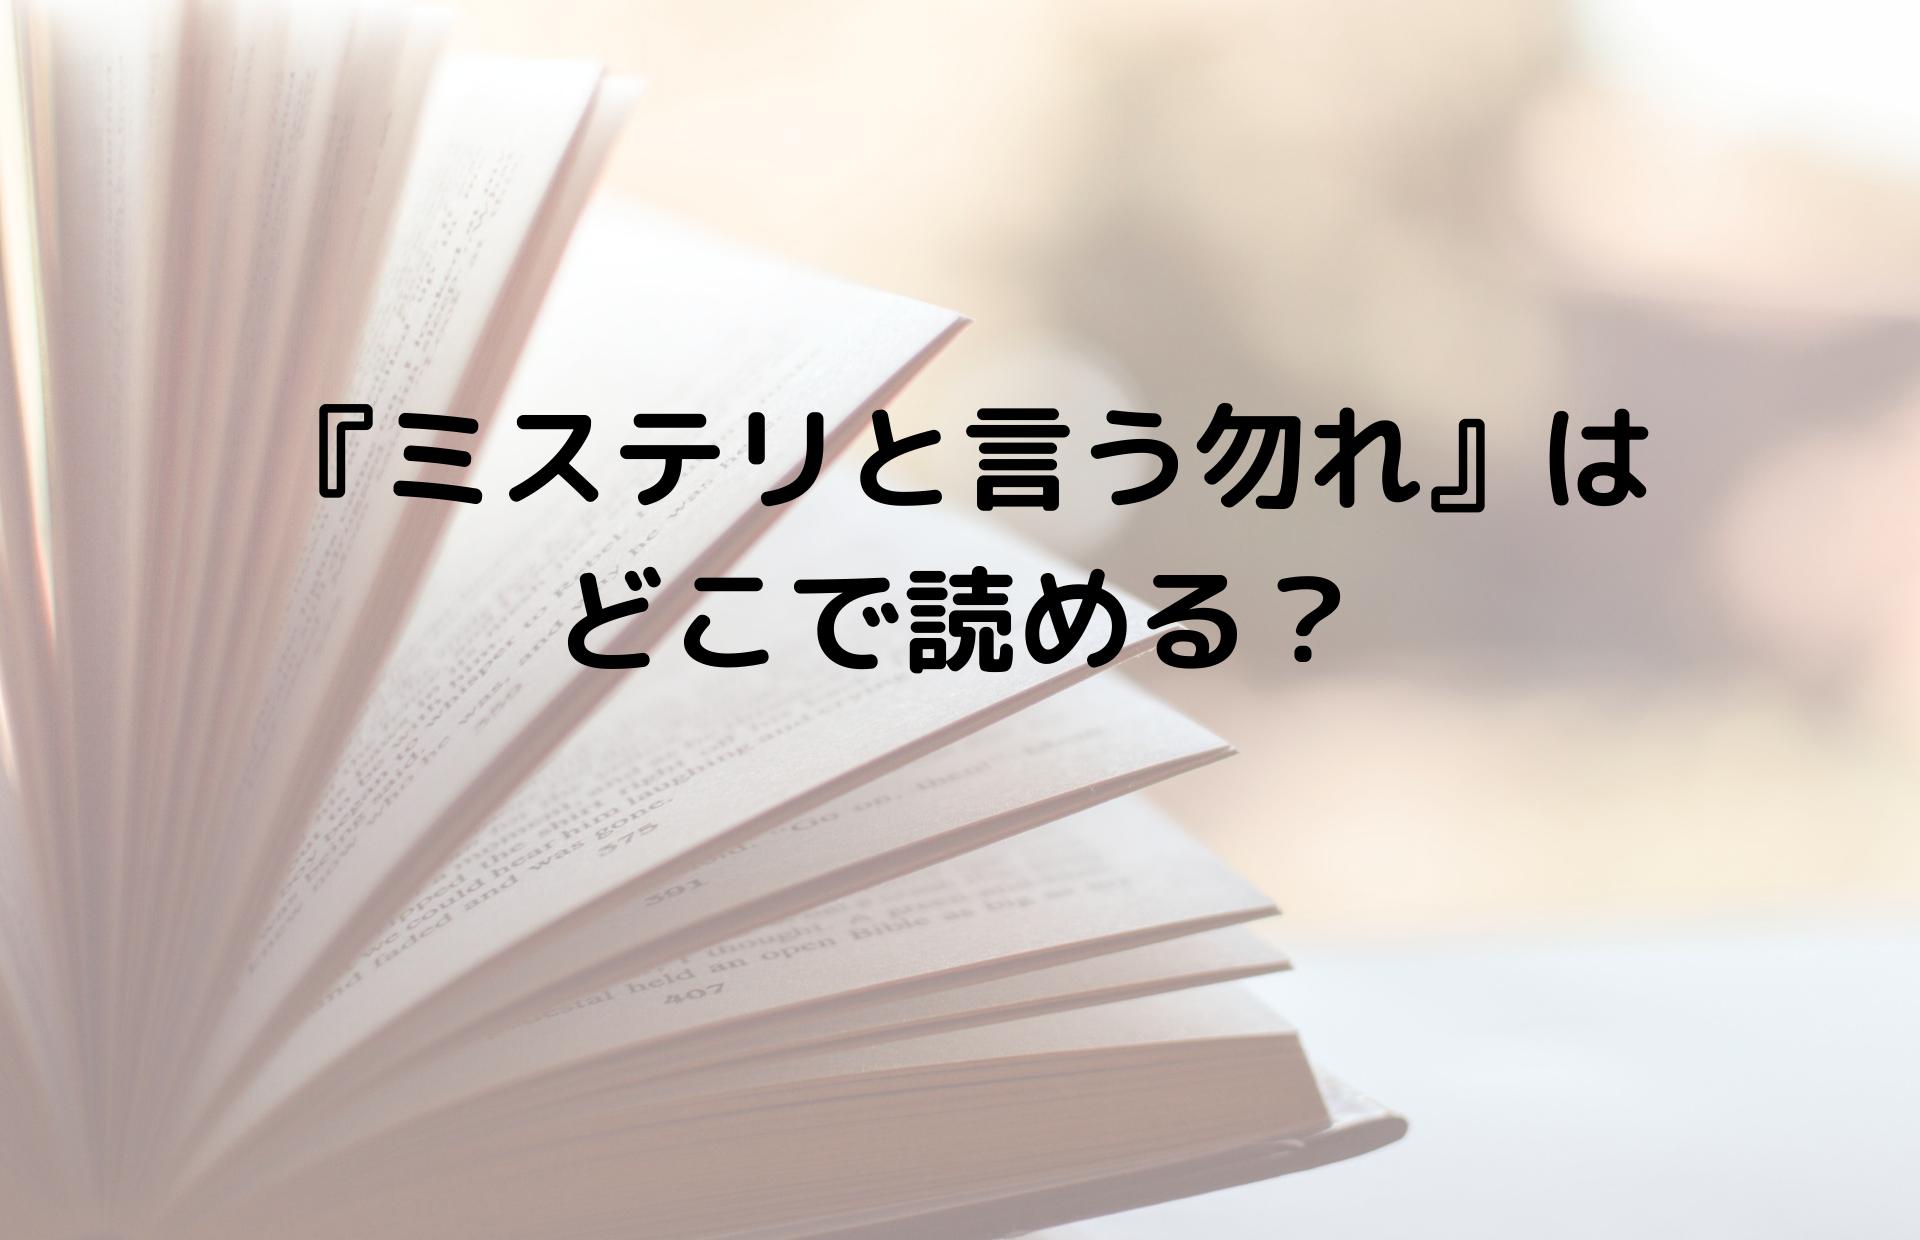 『ミステリと言う勿れ』はどこで読める?